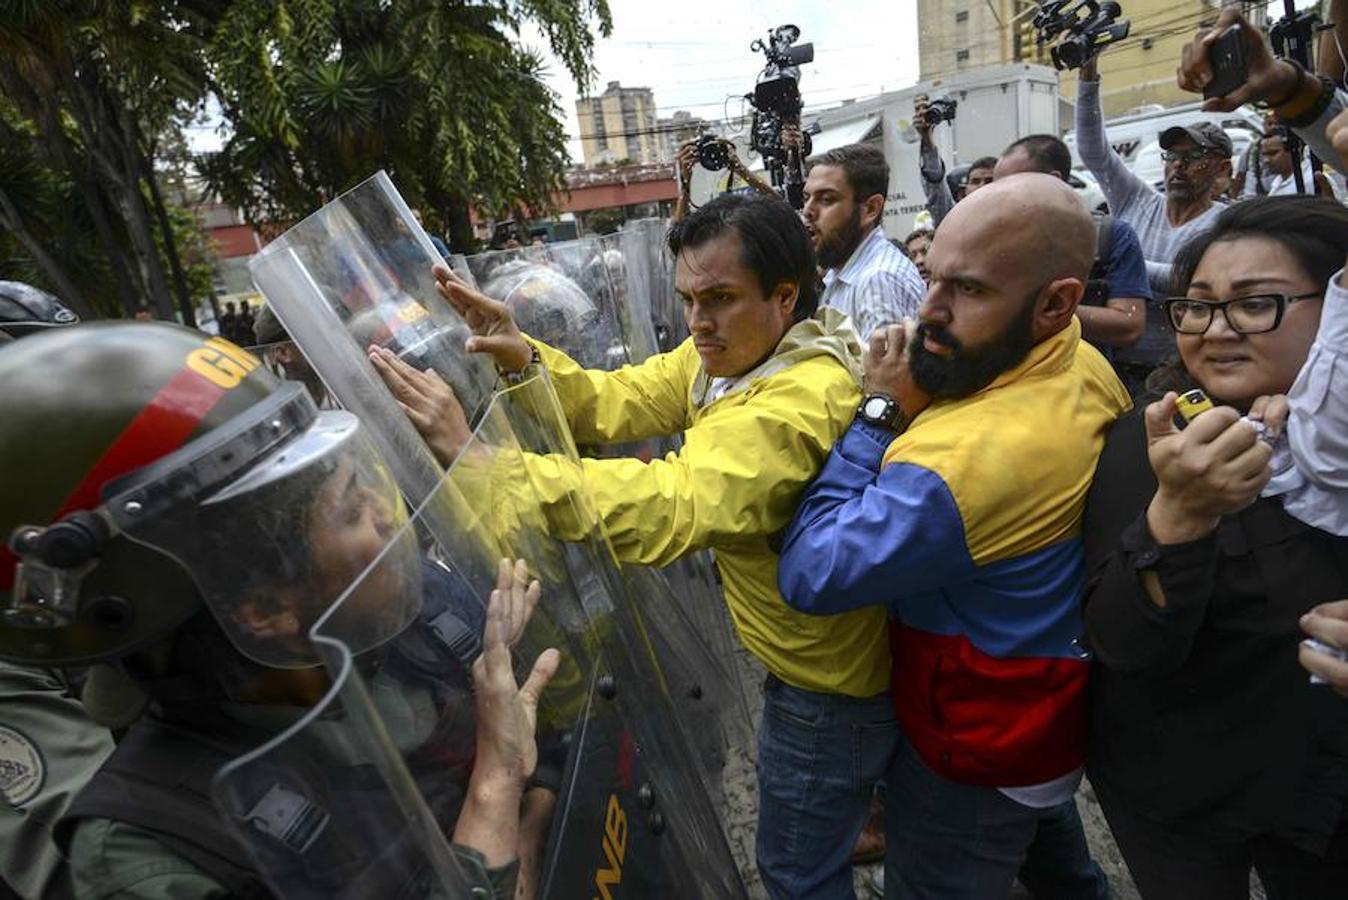 Los diputados de la oposición venezolana Carlos Paparoni y Carlos Bozo empujan los escudos con que se protege la Guardia Nacional en una protesta frente al Tribunal Supremo, en Caracas.